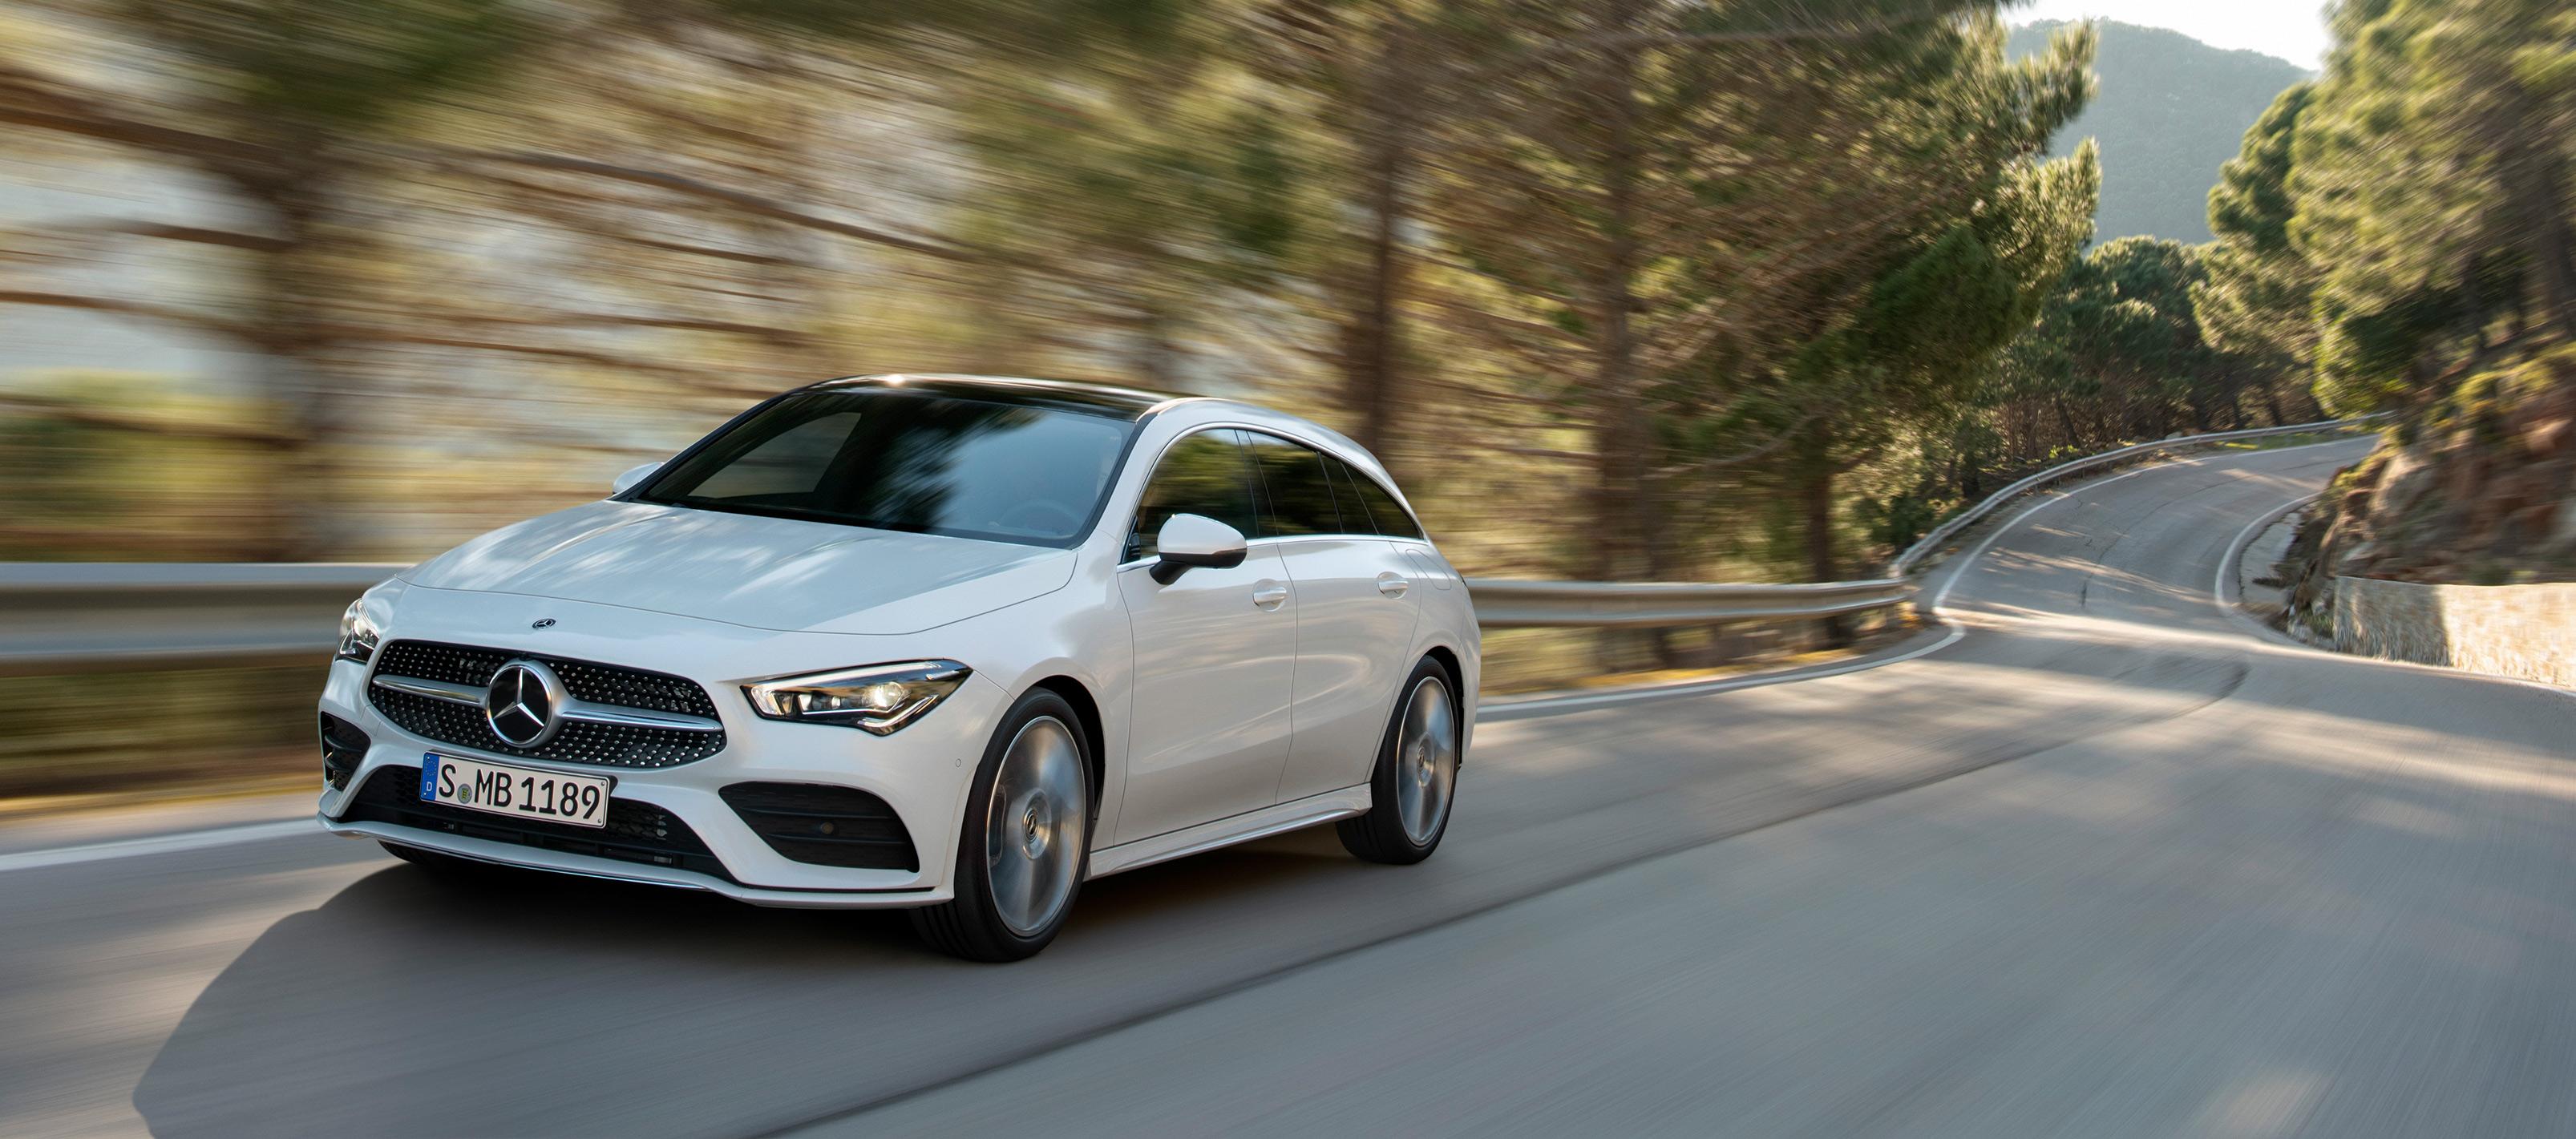 Mercedes-Benz CLA Shooting Brake, atractivo, inteligente, práctico